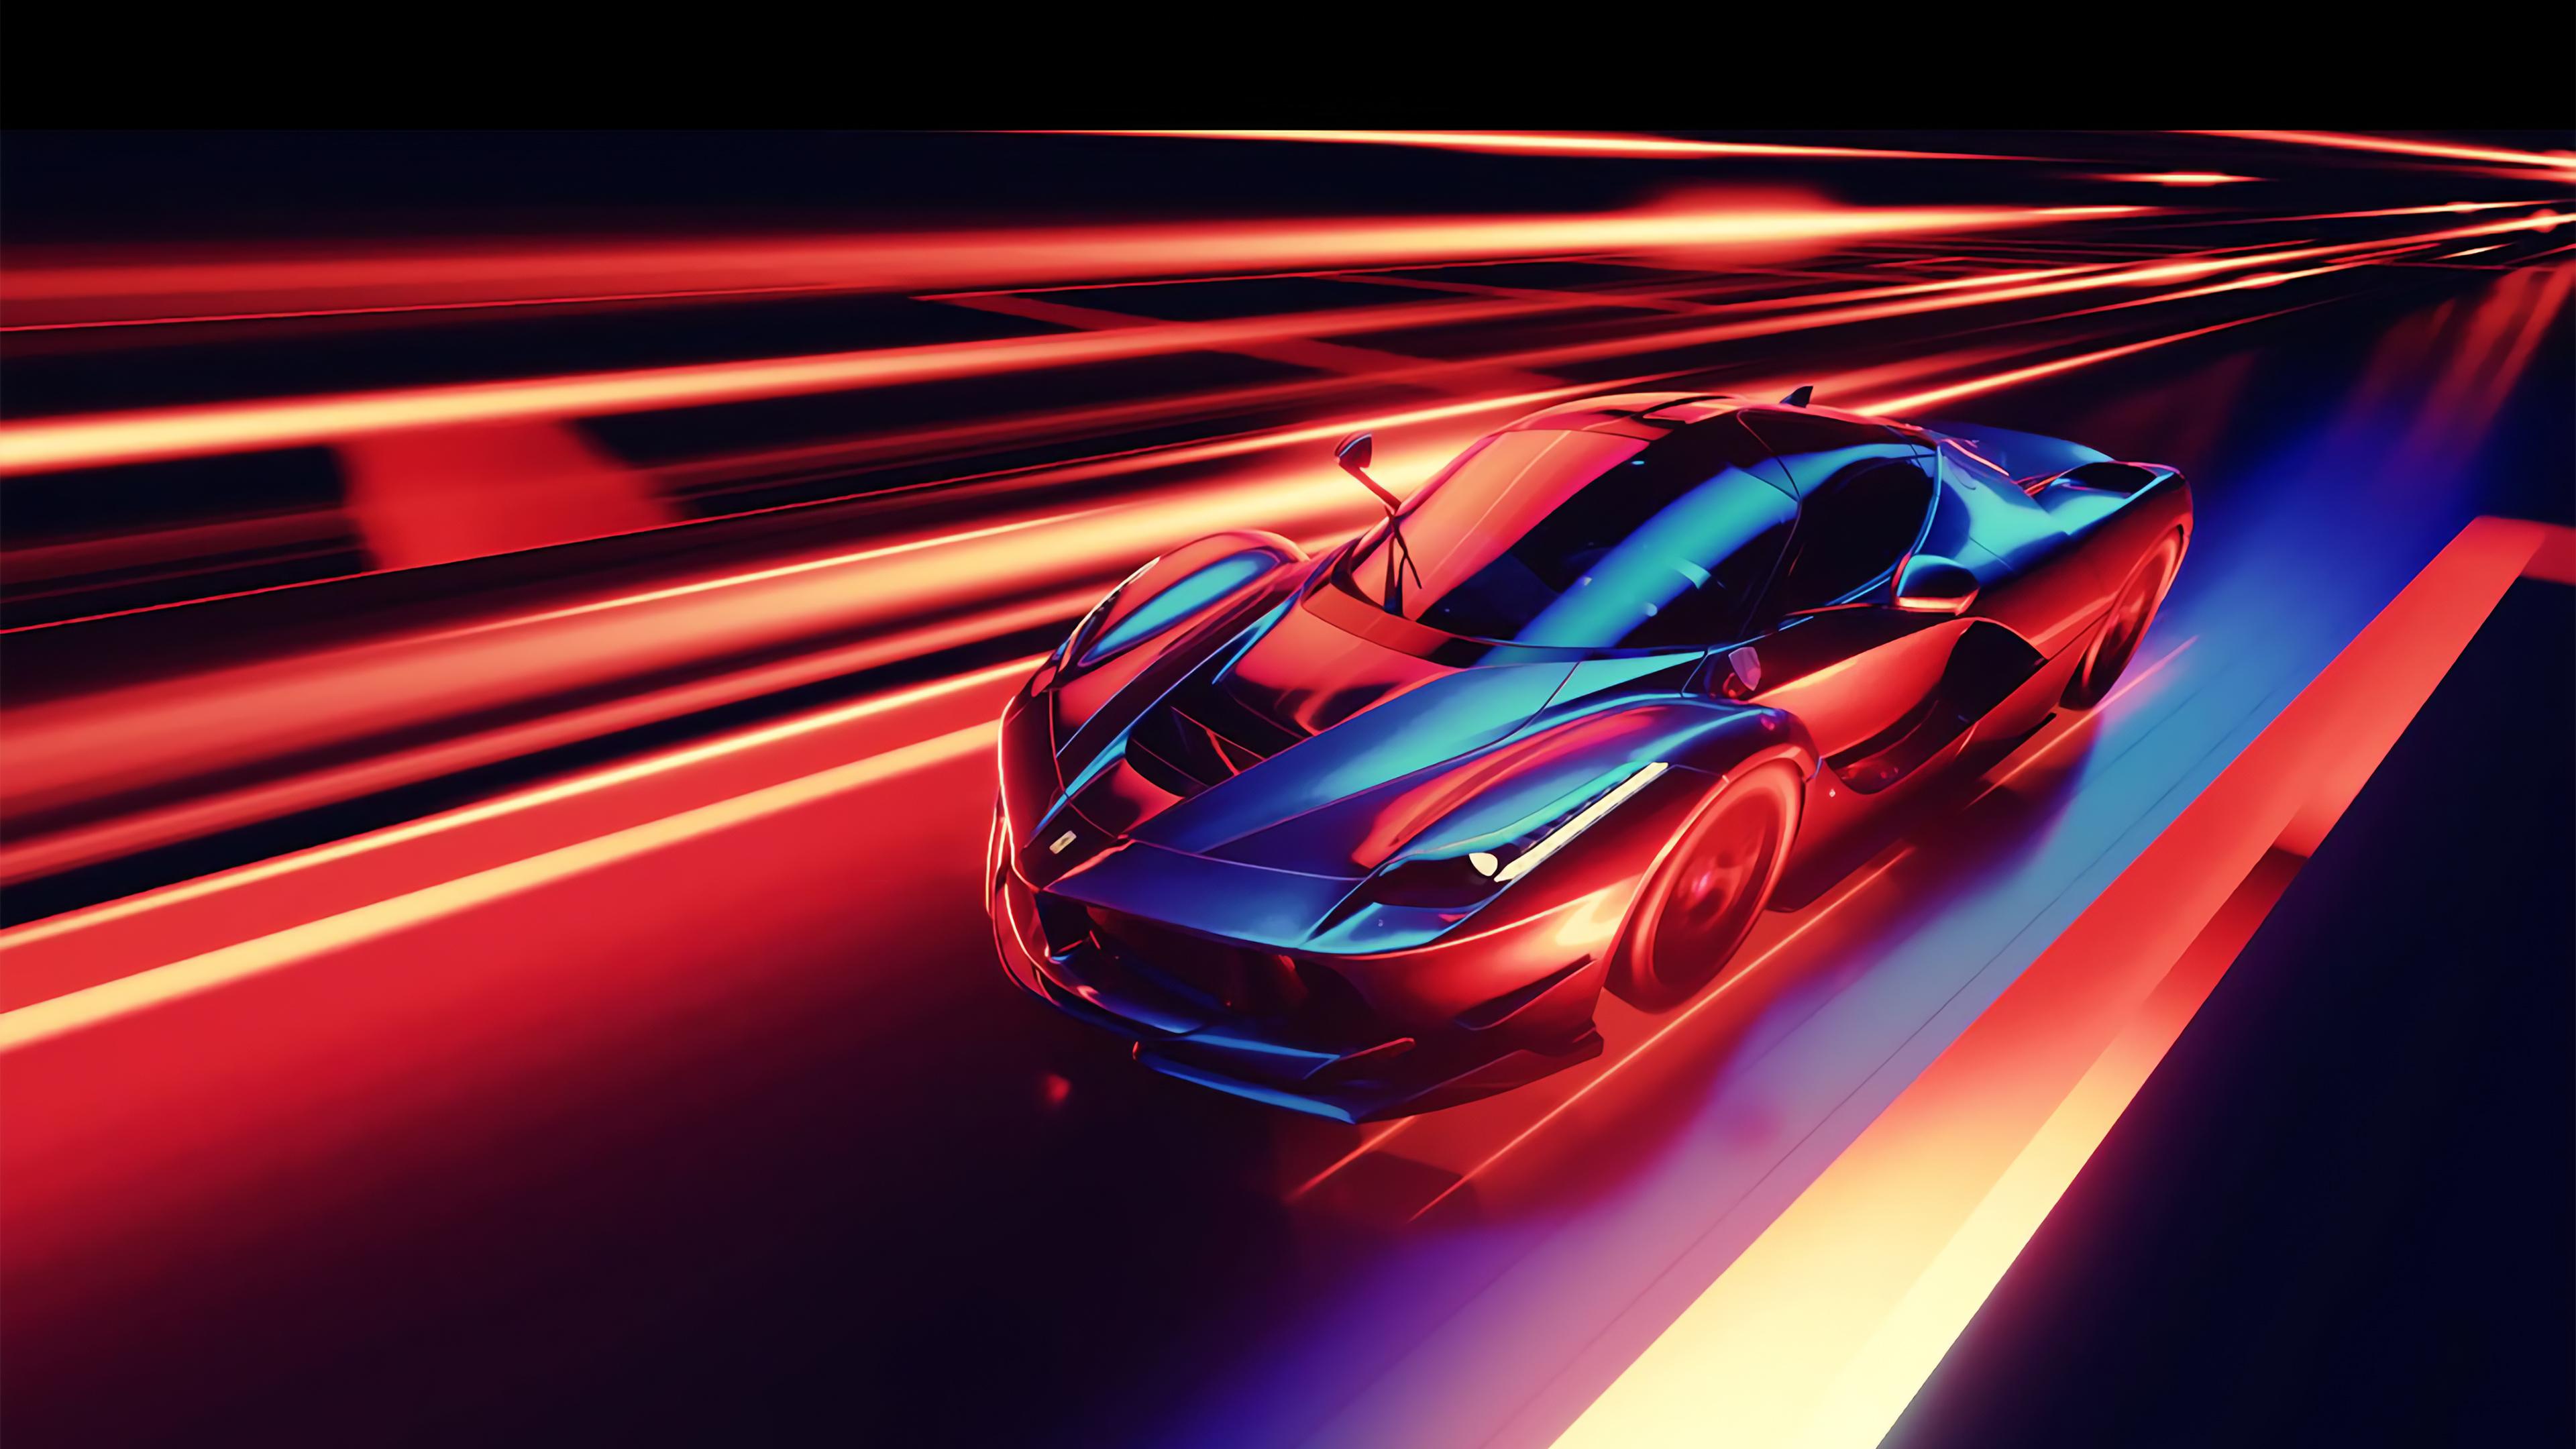 Ferrari 4k Ultra Hd Wallpaper Hintergrund 3840x2160 Id 1006246 Wallpaper Abyss